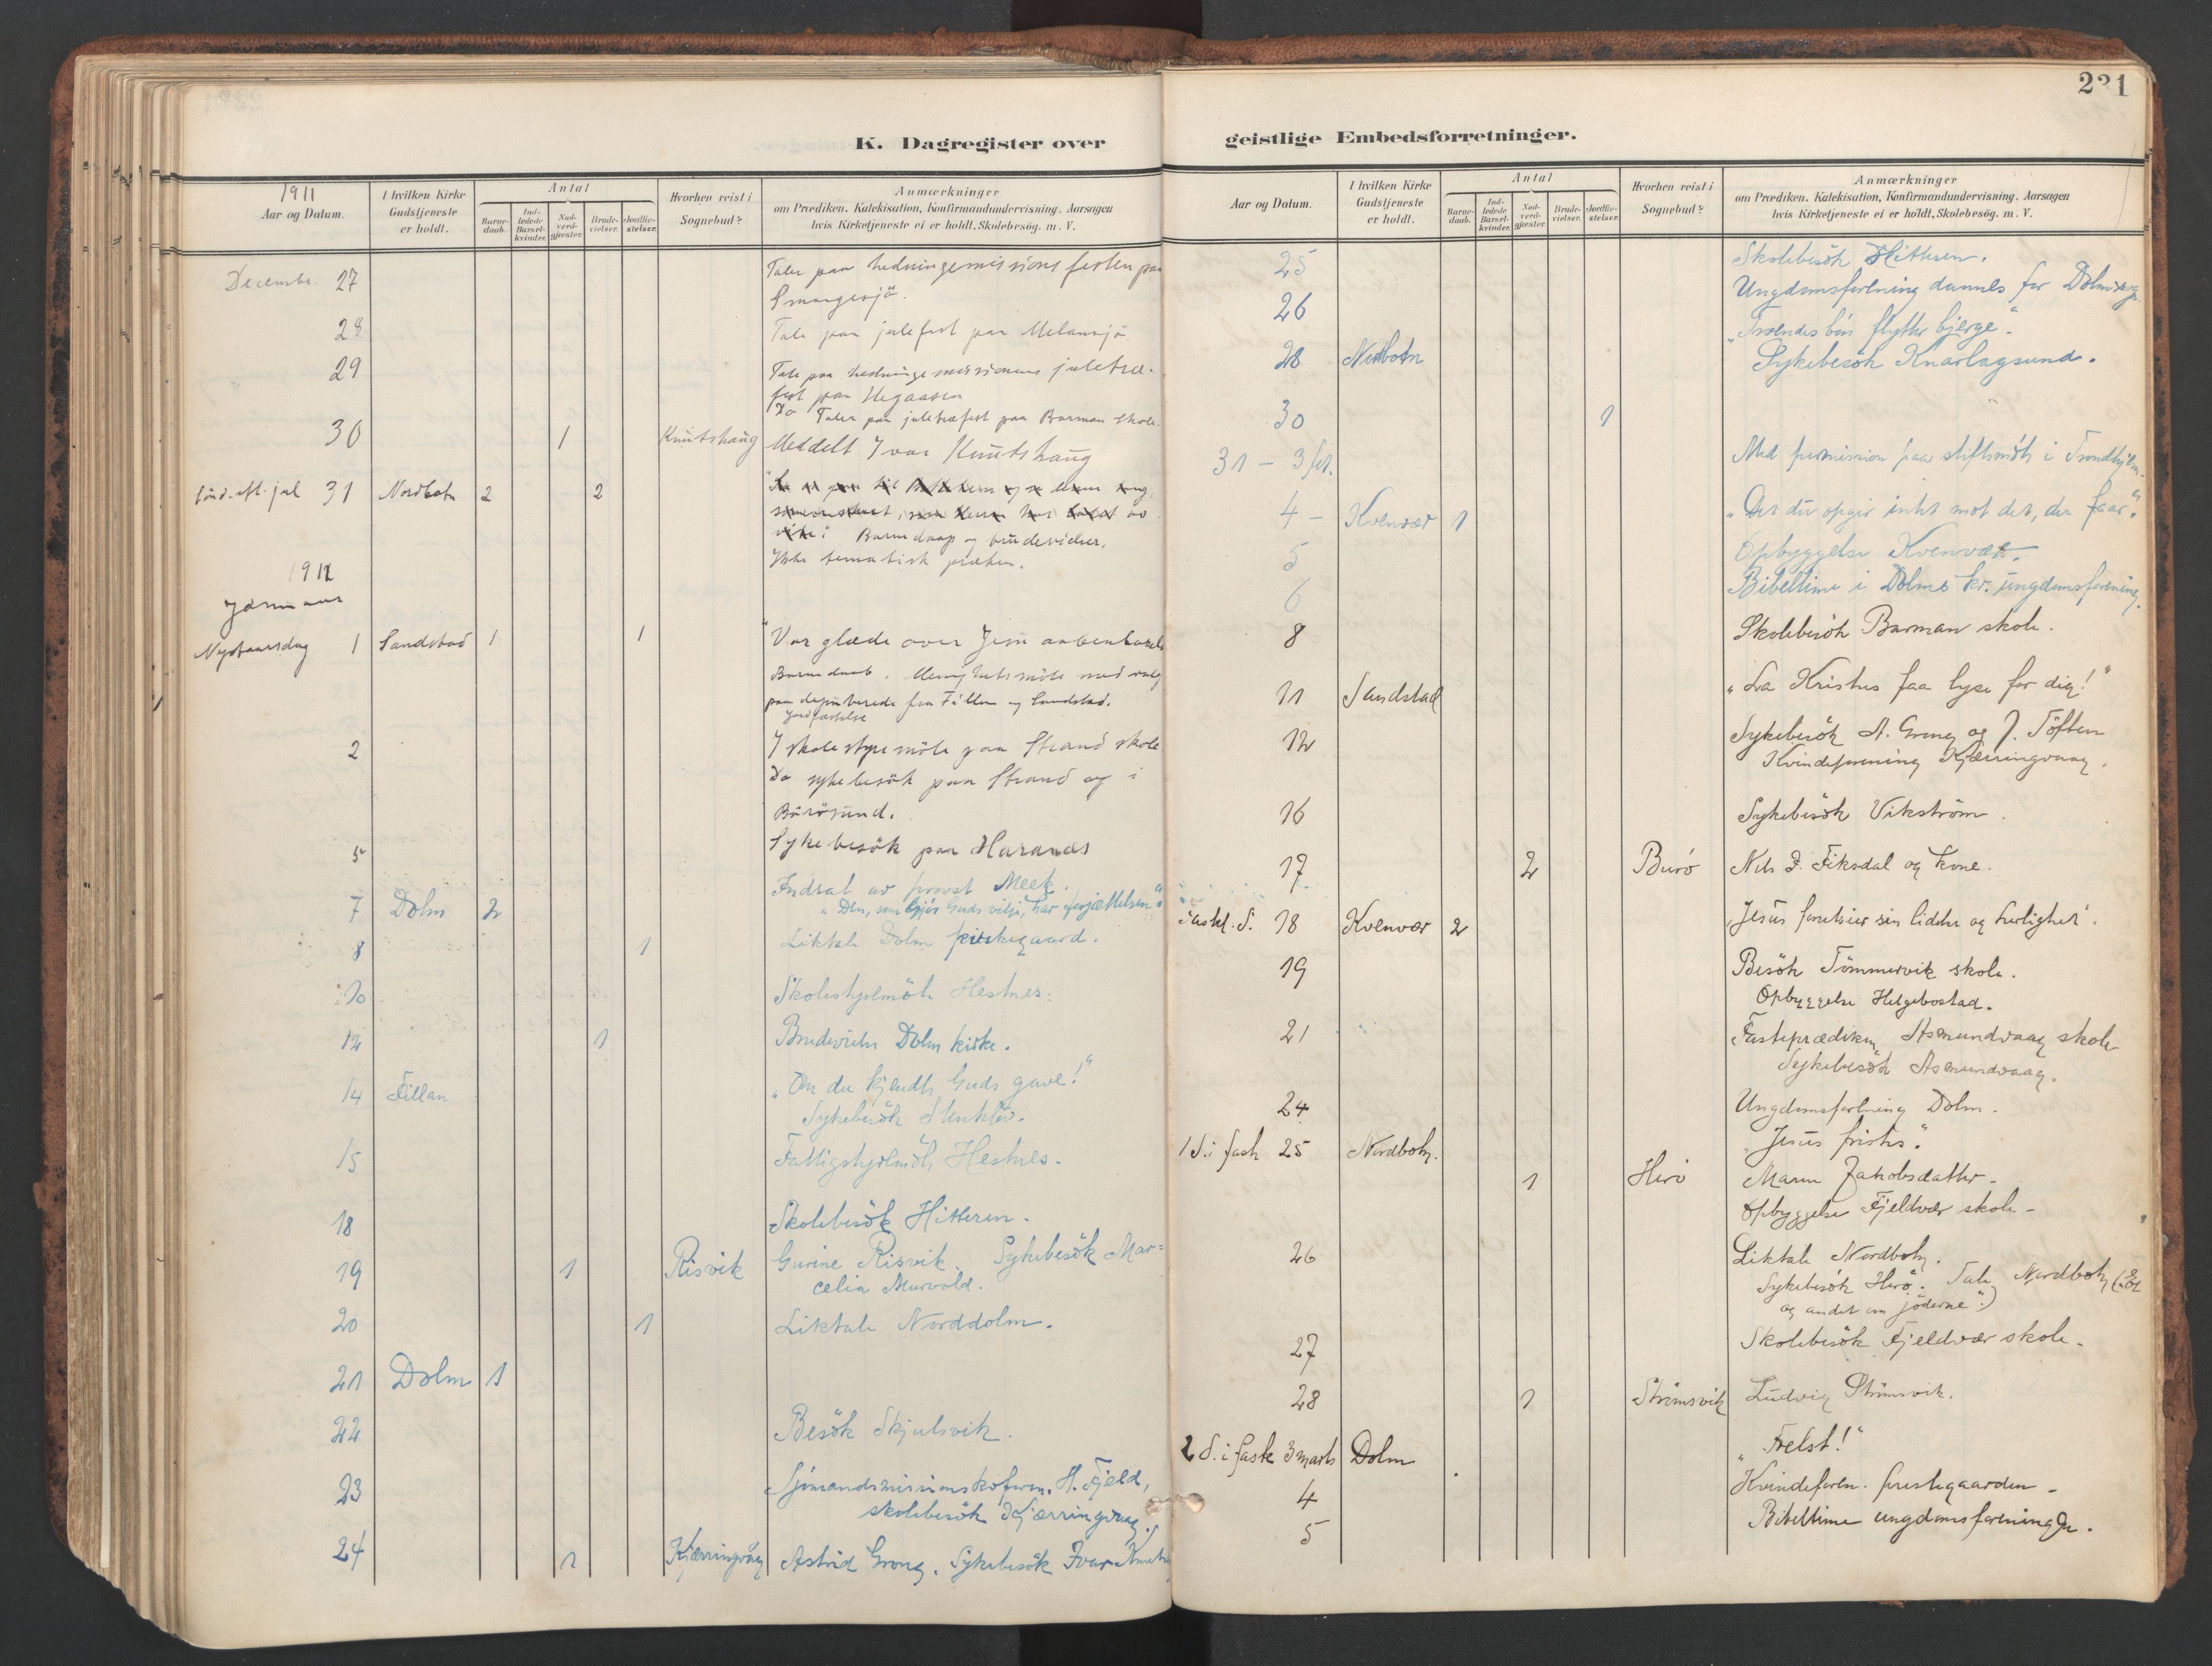 SAT, Ministerialprotokoller, klokkerbøker og fødselsregistre - Sør-Trøndelag, 634/L0537: Ministerialbok nr. 634A13, 1896-1922, s. 231